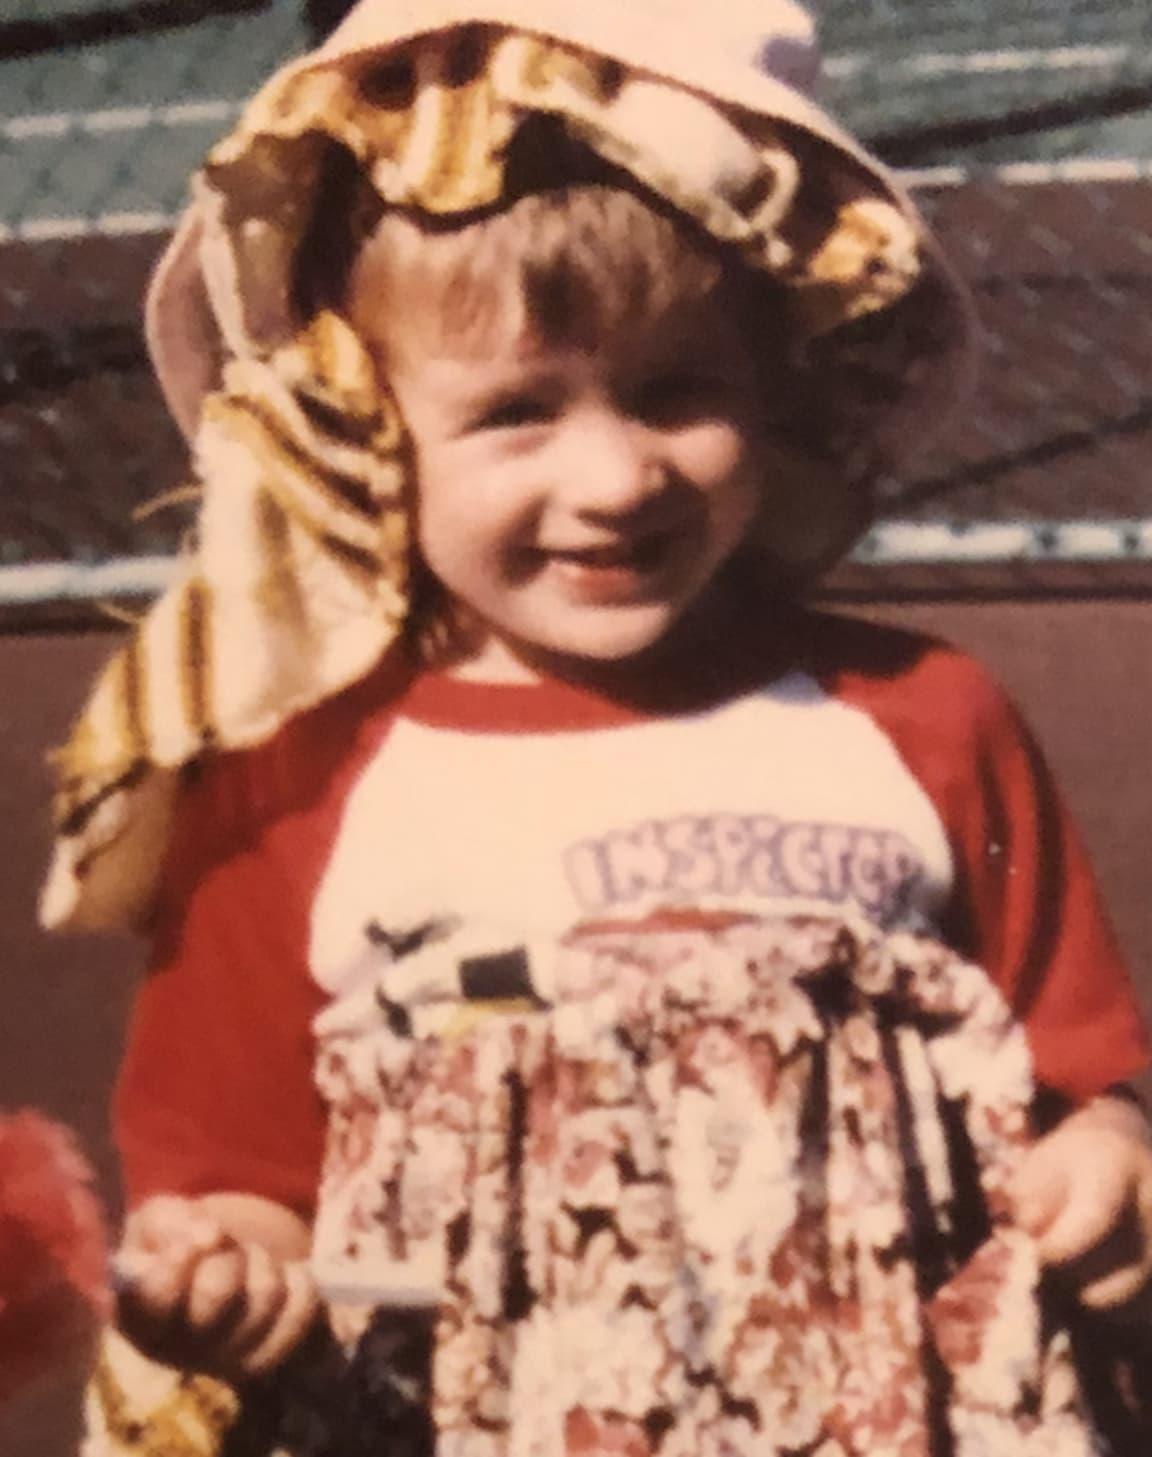 Matt as a kid